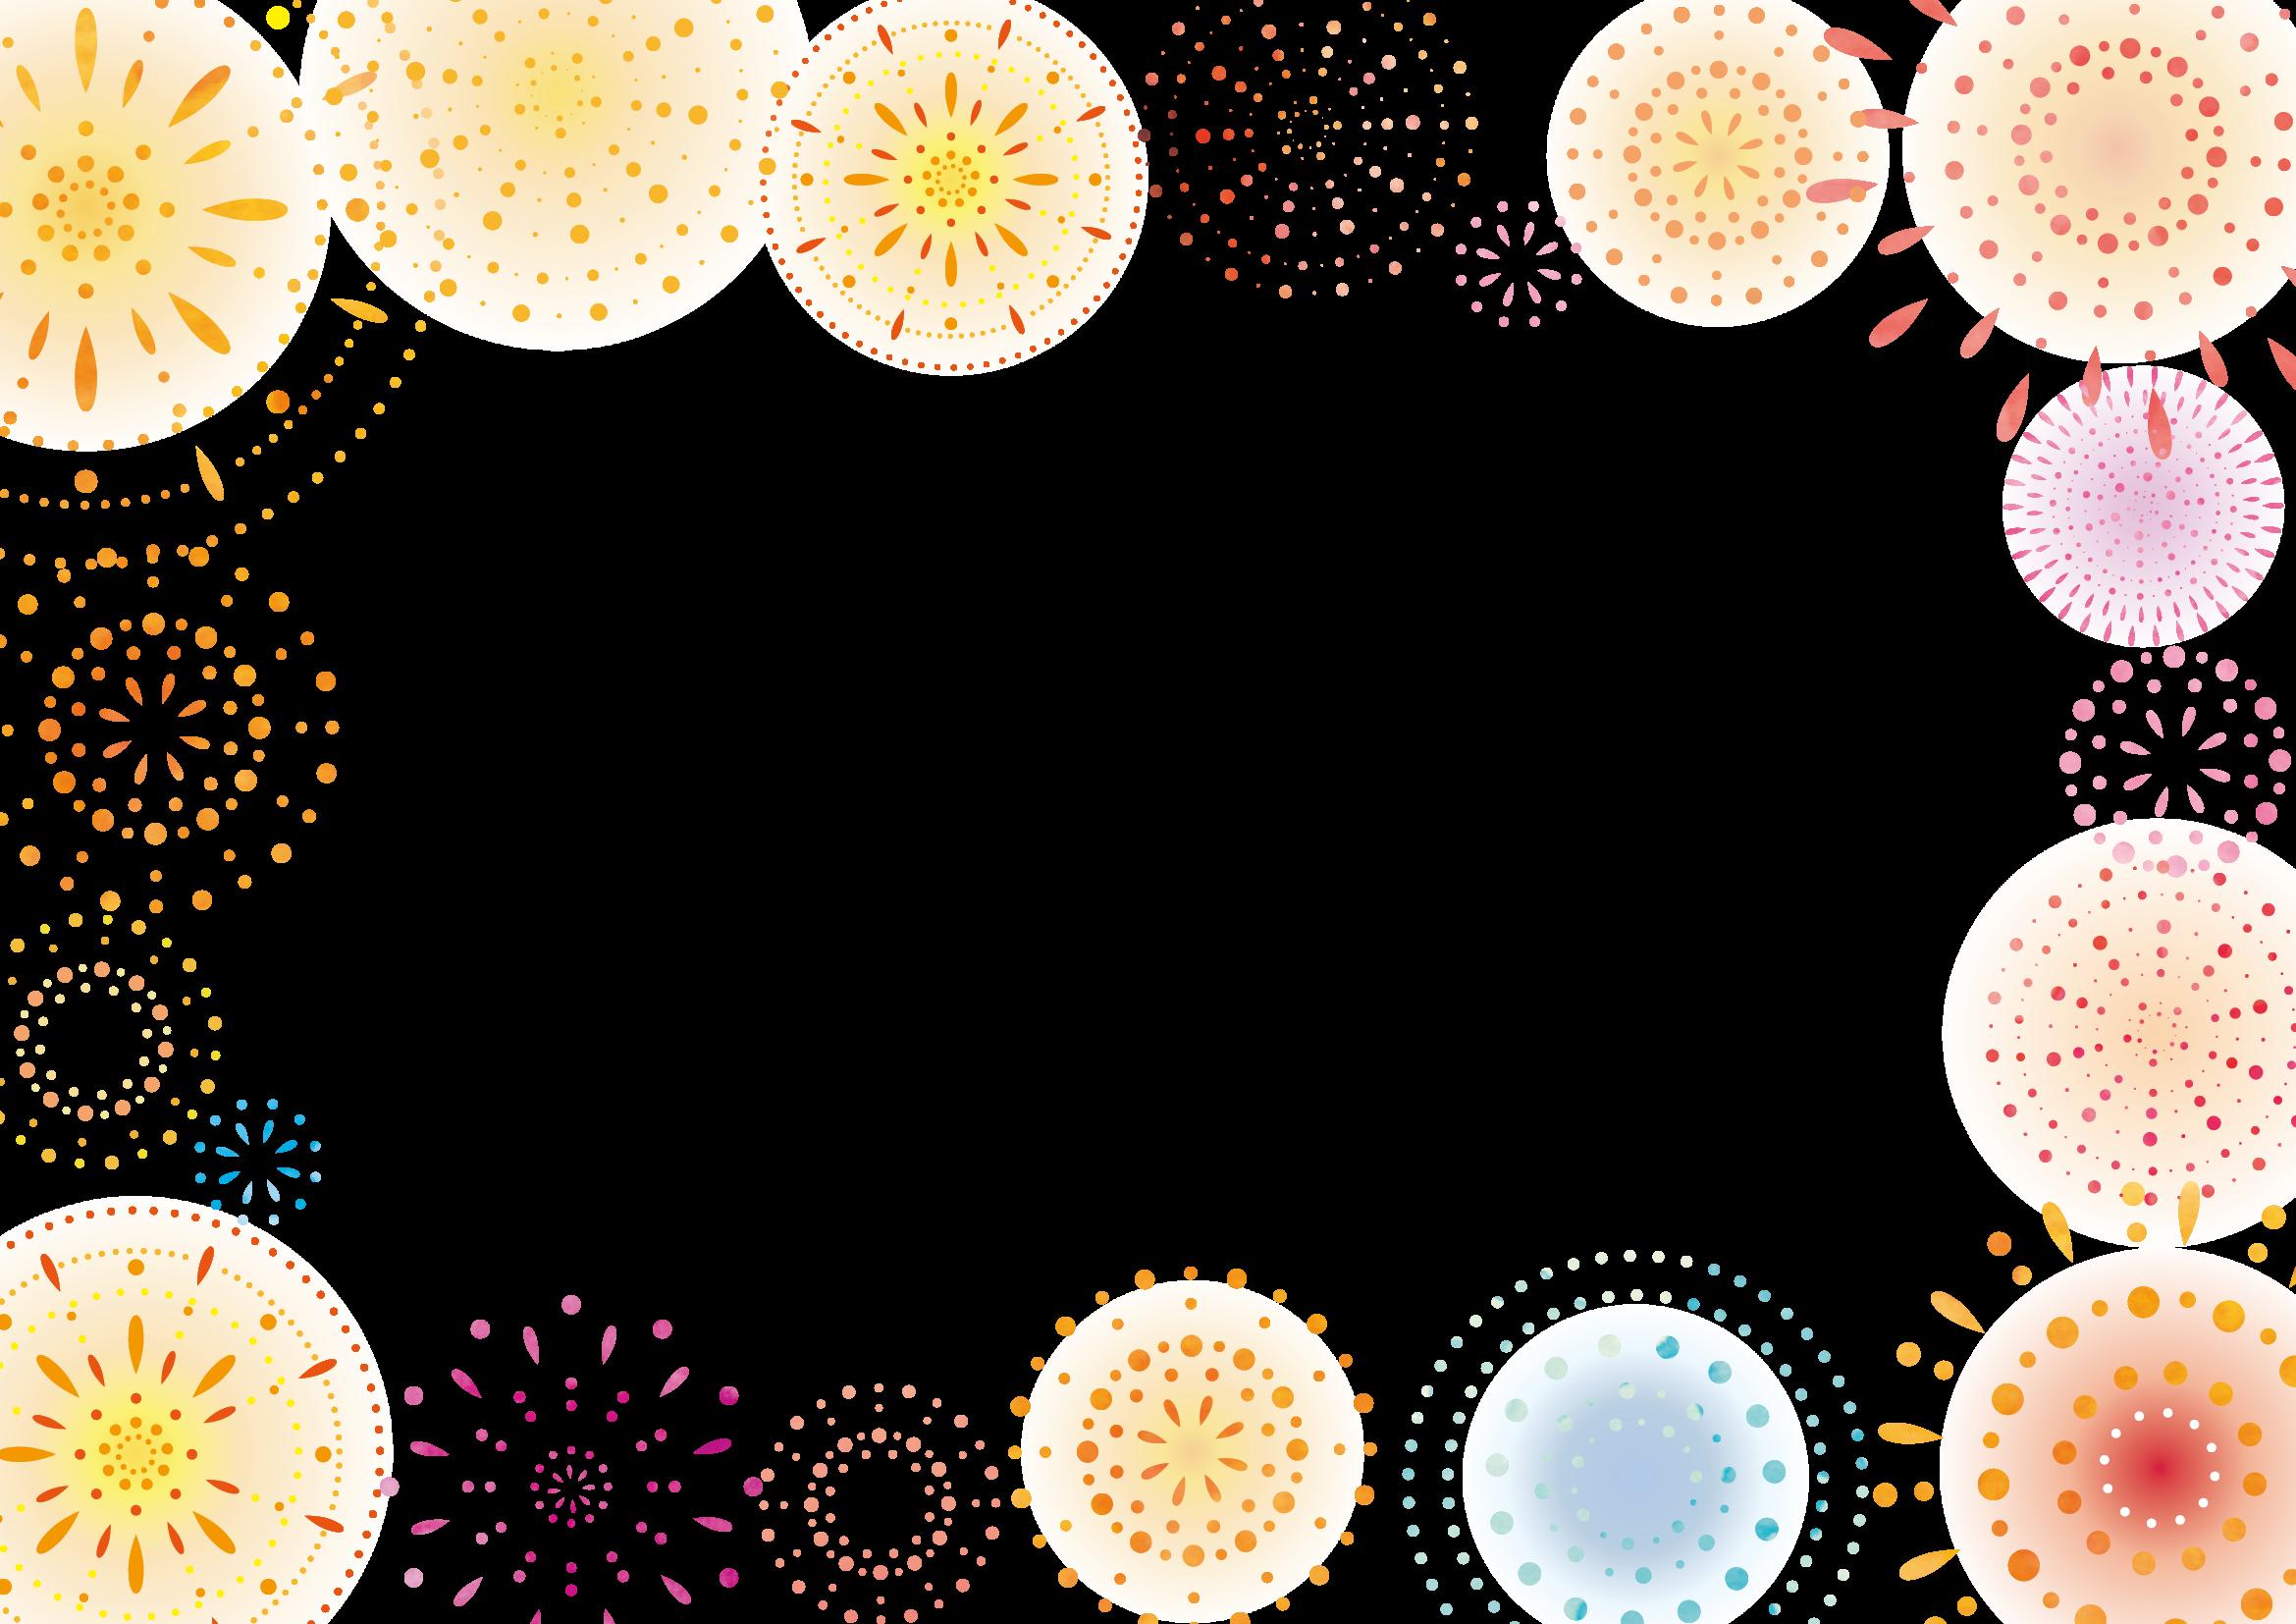 花火のフレーム・枠